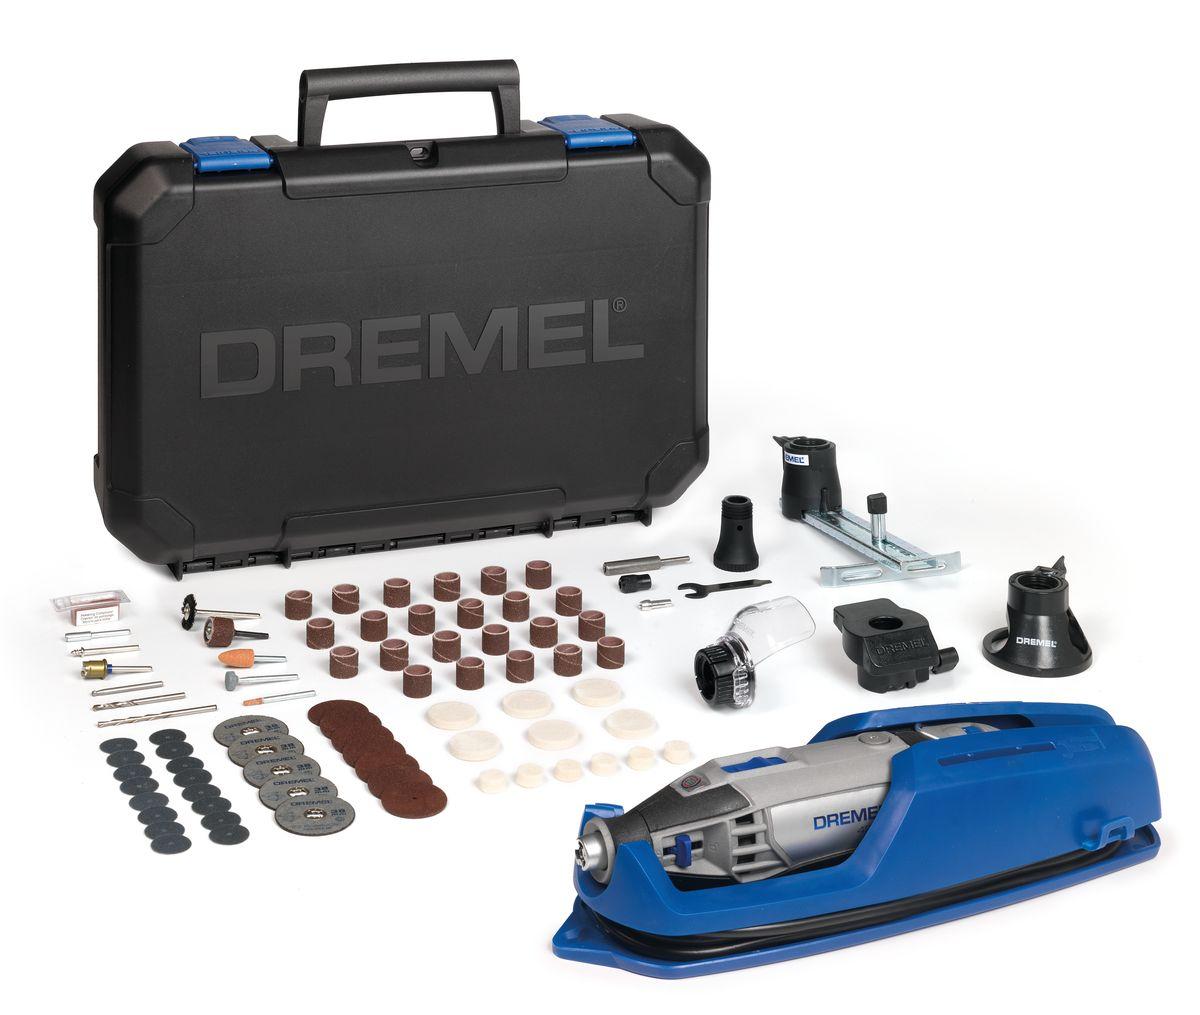 Многофункциональный инструмент Dremel 4200-4/75F0134200JHНеограниченные возможности – один инструмент. Мощный многофункциональный инструмент Dremel 4200 способен одинаково хорошо выполнять абразивную обработку, шлифование, фрезерование и pезку. Константная электроника обеспечивает исключительную мощность, необходимую для поддержания максимальной производительности. Регулятор скорости во всем диапазоне запоминает выбранную частоту вращения после выключения инструмента. Высочайшая точность даже при работе в неудобных углах и труднодоступных местах. Просто переключайтесь между сменными насадками с помощью системы EZ Change. Потяните вниз рычаги, задвиньте насадку – и вы готовы к работе.Комплектация:Dremel 420075 высококачественная насадка DremelНаправляющая для резки ()Линейный фрезерный циркуль (678)Шлифовальная платформа (576)Приспособление Comfort Guard (550)Вместительный и прочный кейс для хранения, со съемным лотком для насадокВ комплект входит уникальная подставка для крепления инструмента, упрощающая хранение вашего инструмента.Технические характеристики:Входная номинальная мощность: 175 Вт Напряжение: 230 В Вес: 0,66 кг Длина: 22,5 см Частота вращения на холостом ходу: 5.000 - 33.000 об/мин Регулировка скорости: Полностью регулируемый Система быстрой замены насадок: Да: EZ Change